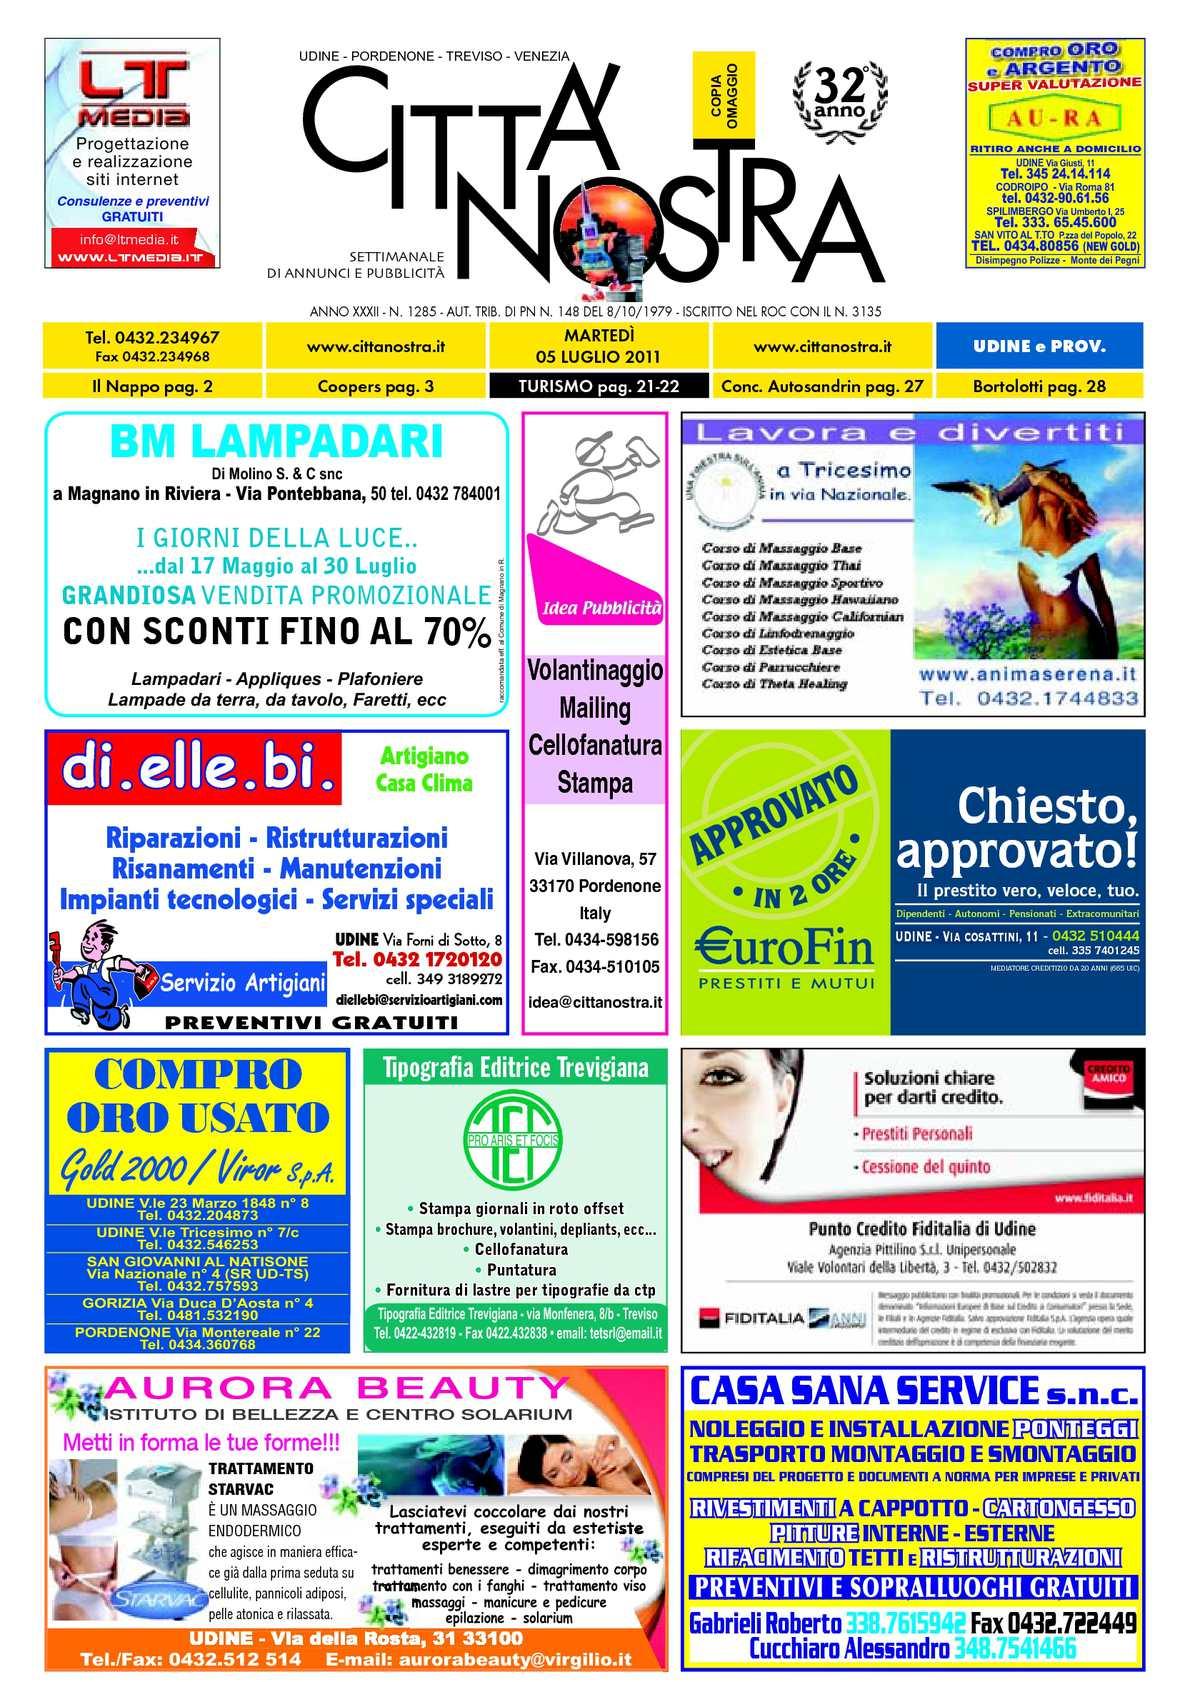 Calaméo - Città Nostra Udine del 05.07.2011 n. 1285 87d43a389c8